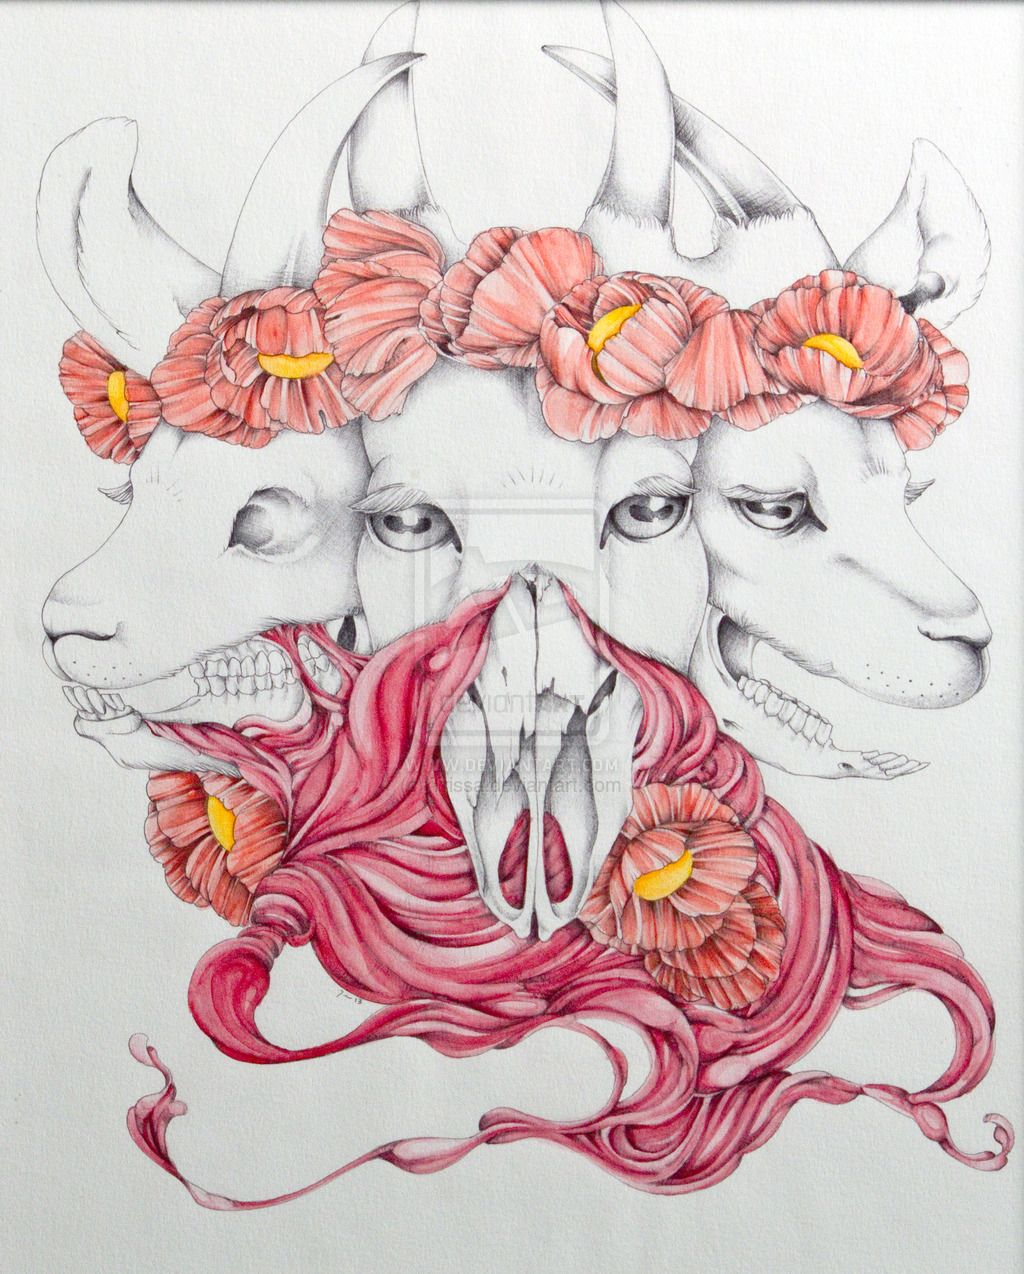 Trinity by Trissa.deviantart.com on @deviantART